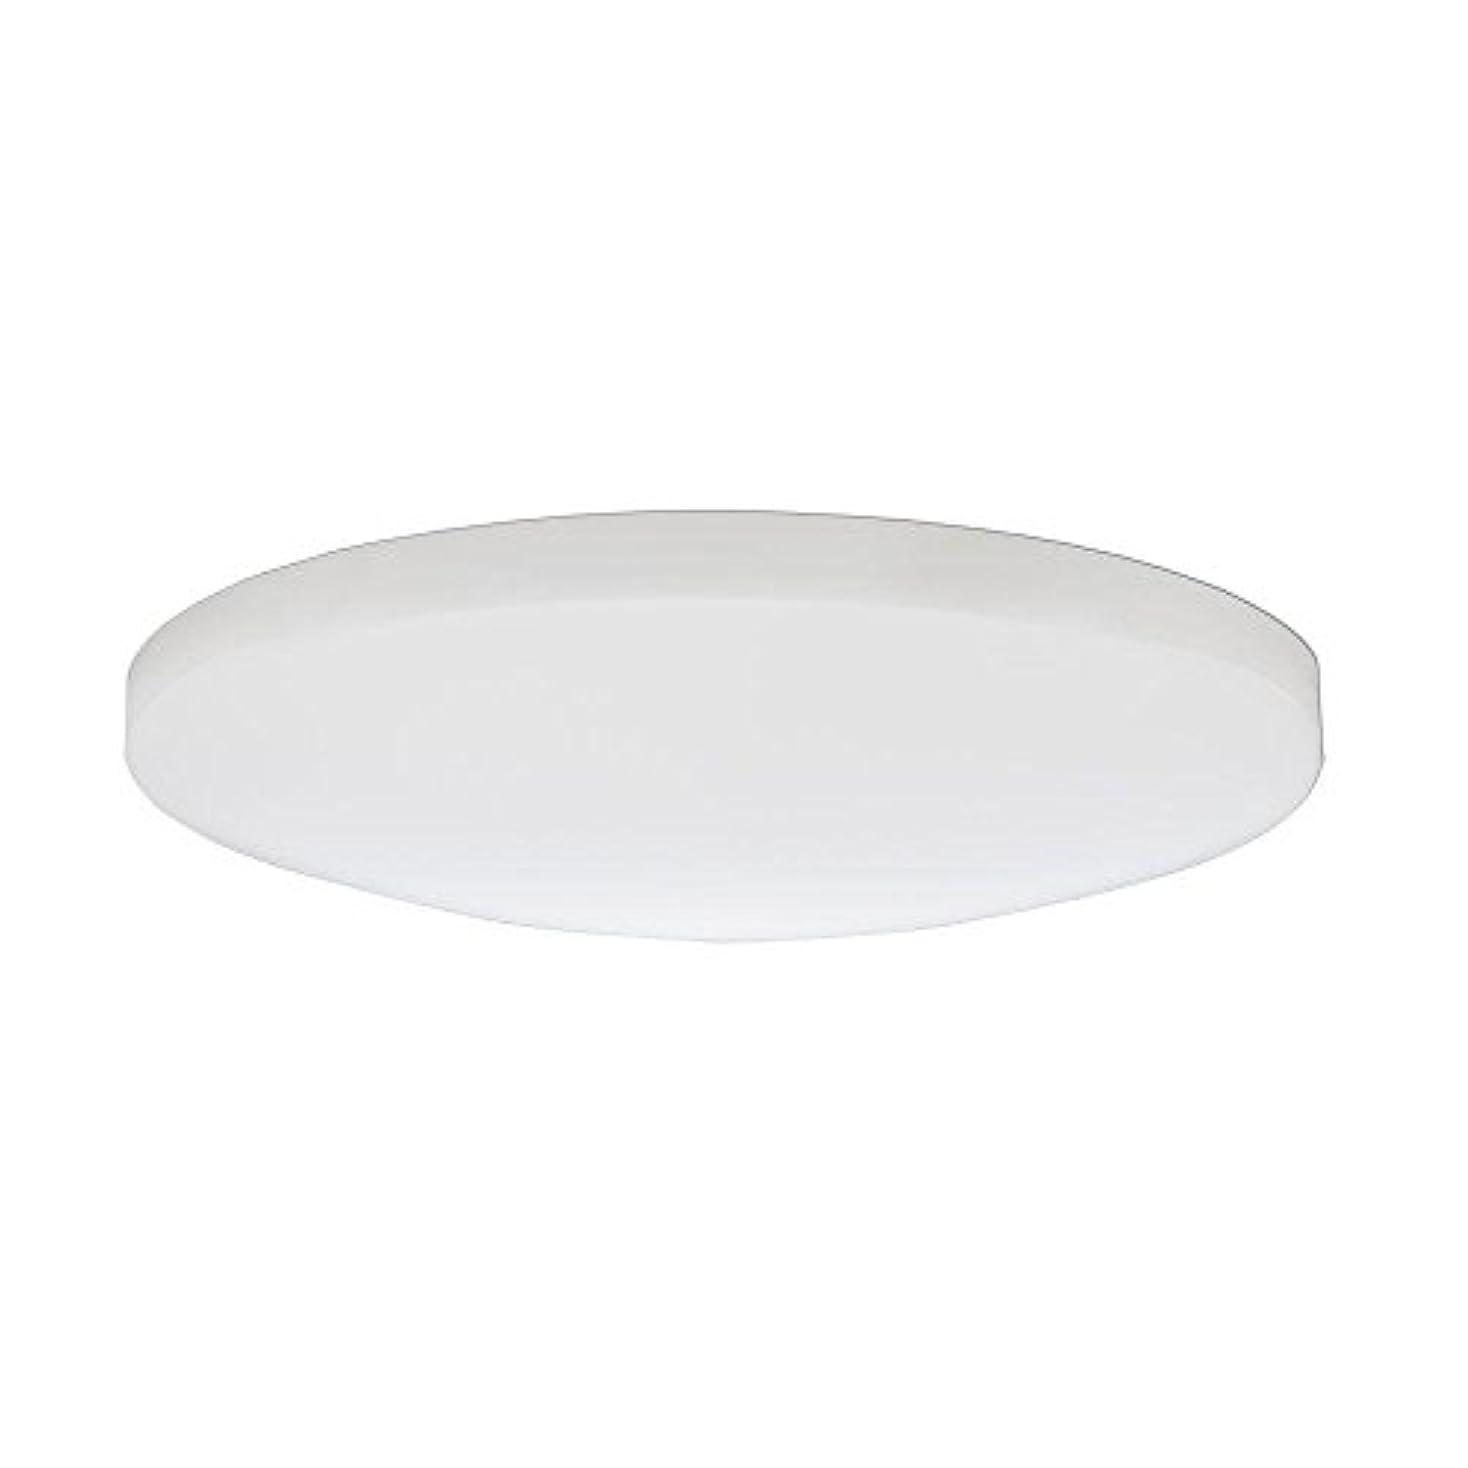 交換石のランプLithonia Lighting DSATL 13 M4 Replacement Glass Diffuser, 13', White [並行輸入品]